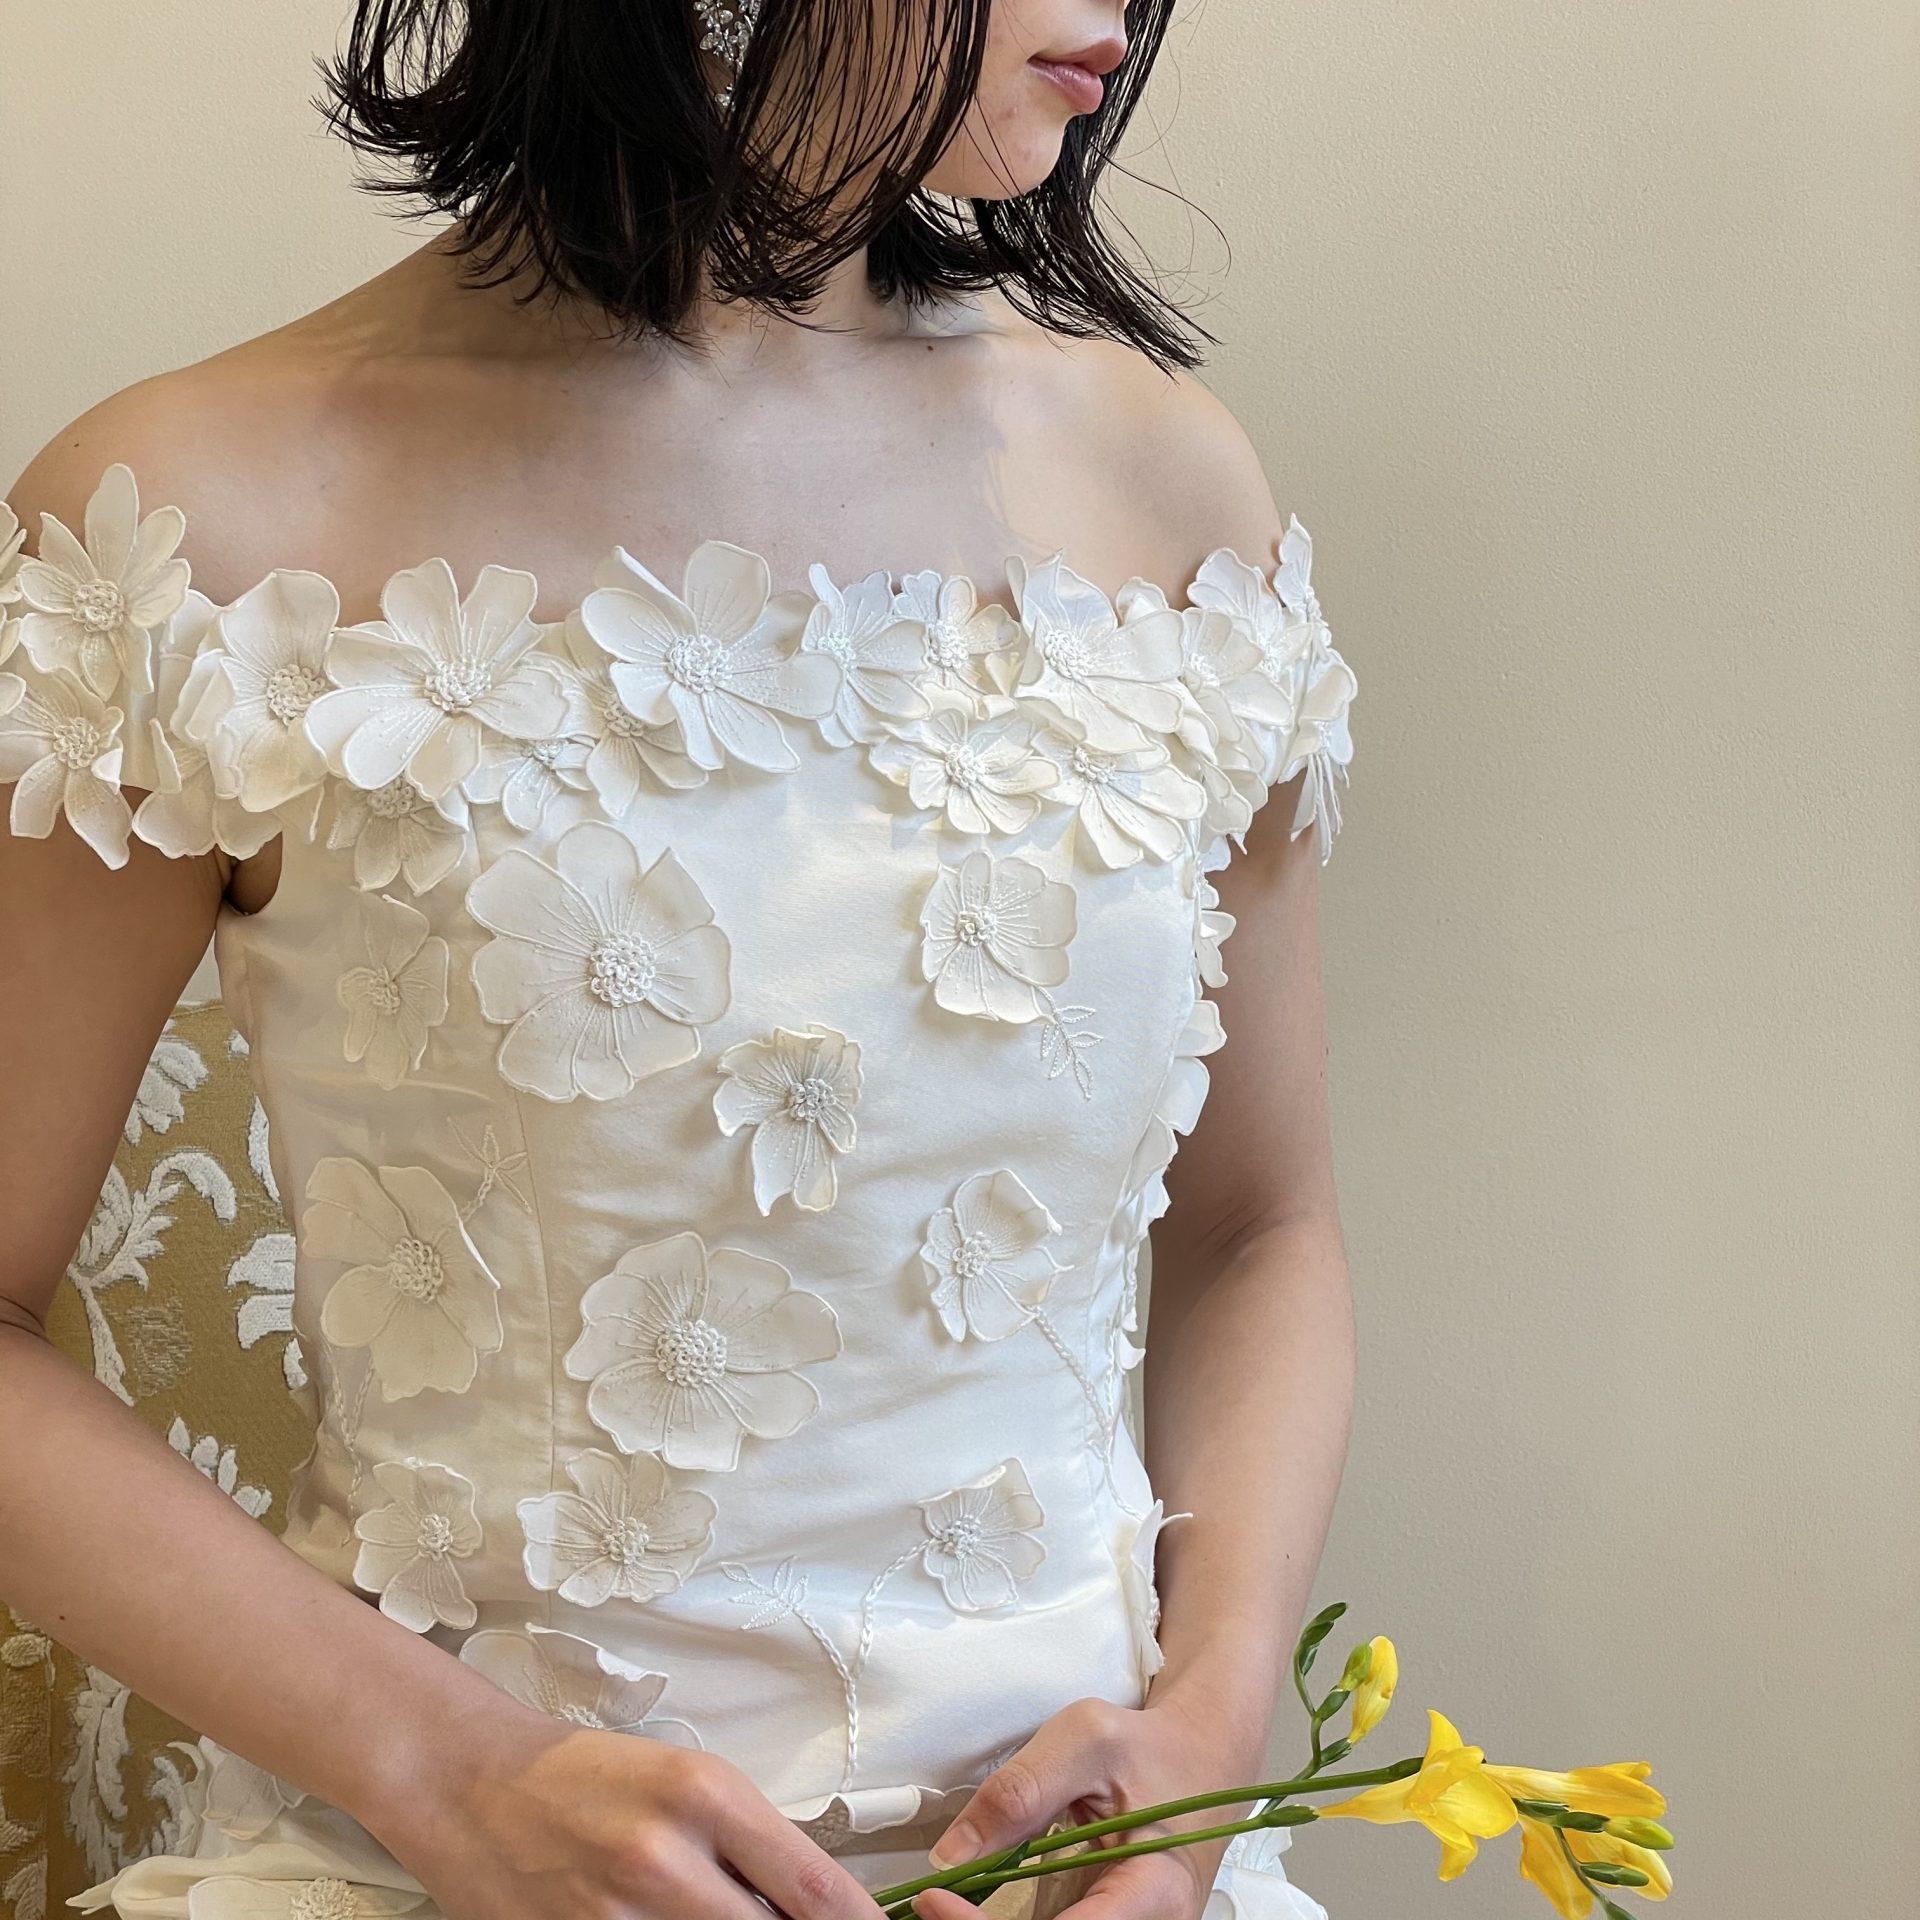 トリートドレッシング京都店にておすすめのオスカーデラレンタのオフショルダーのドレスのご紹介